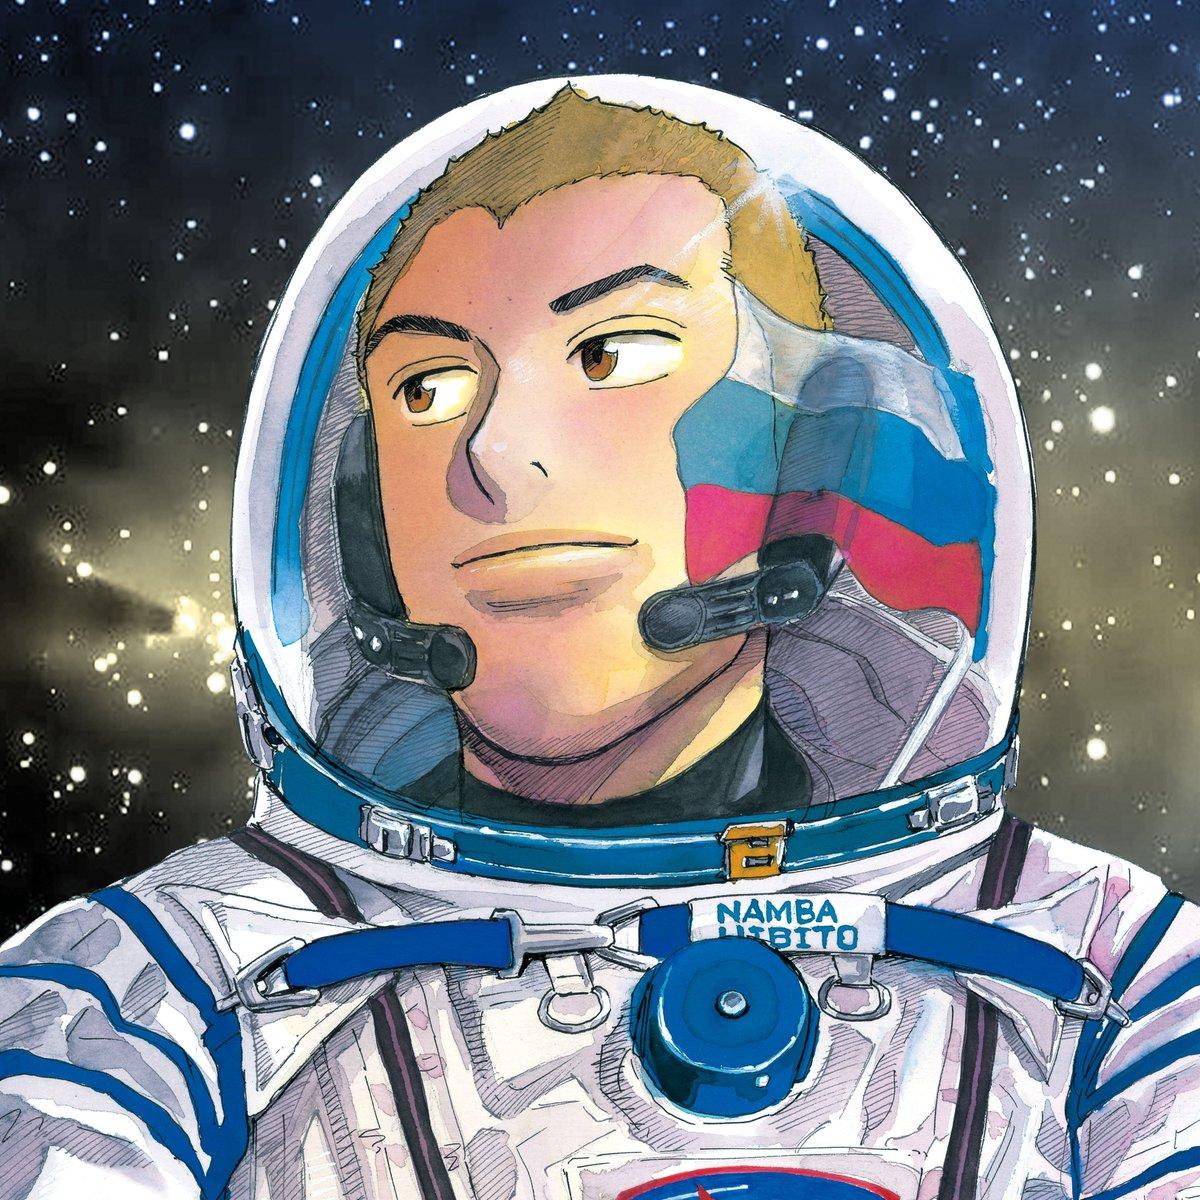 アイコン変わったの気づいてた?ロシアで健闘する彼の誕生日ということで、今日はスペシャルアイコンです!…